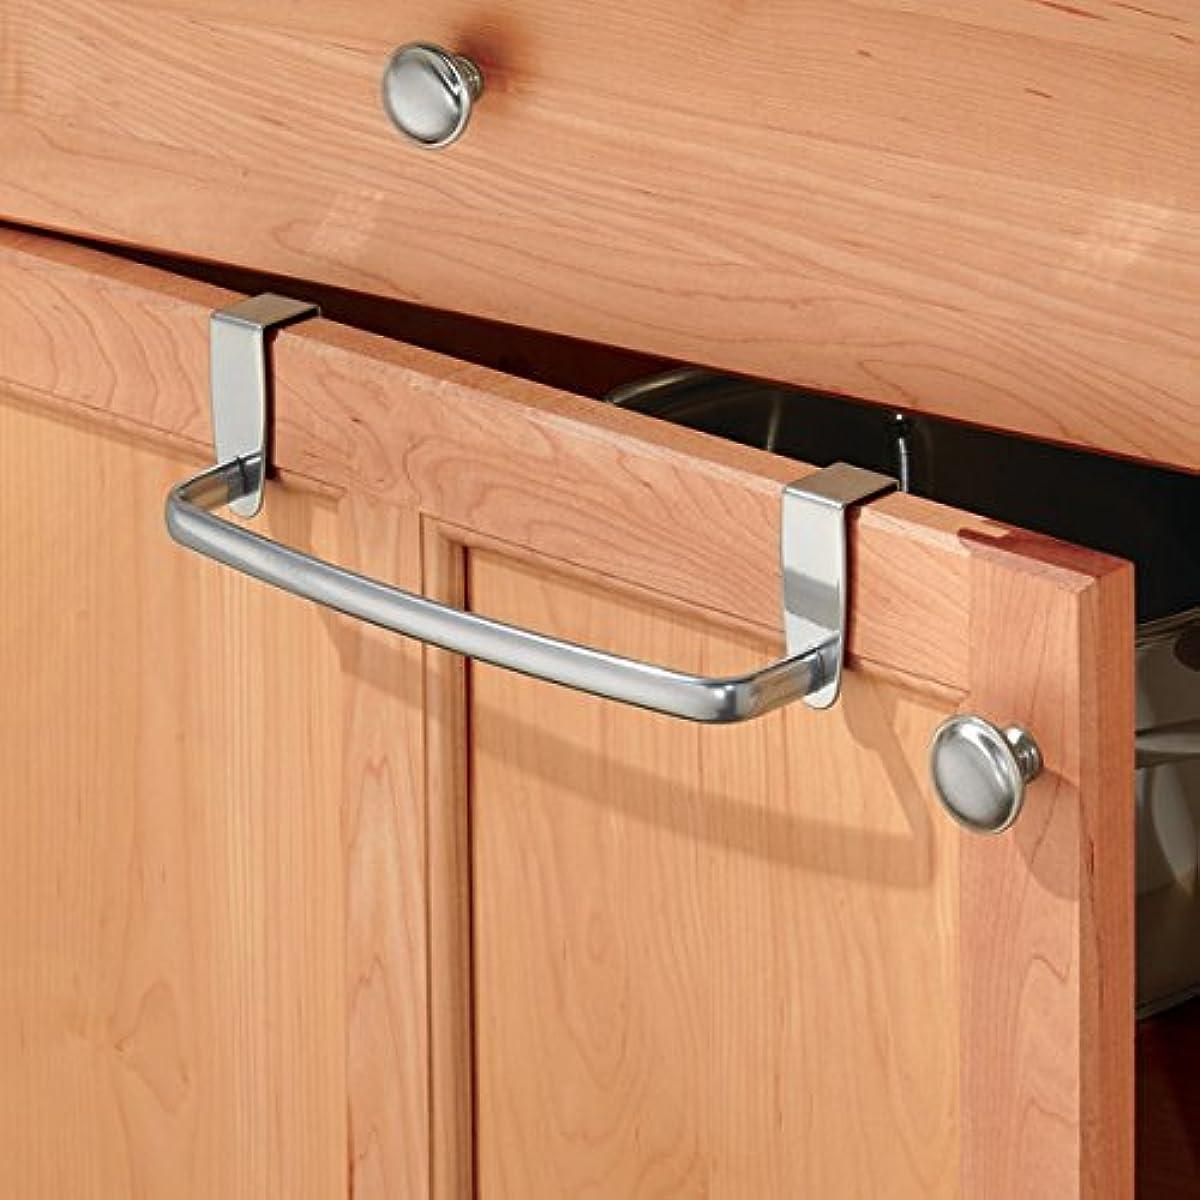 Kitchen Cabinet Towel Holder: Kitchen Dish Towel Holder Bar Over Cabinet Door Hanging